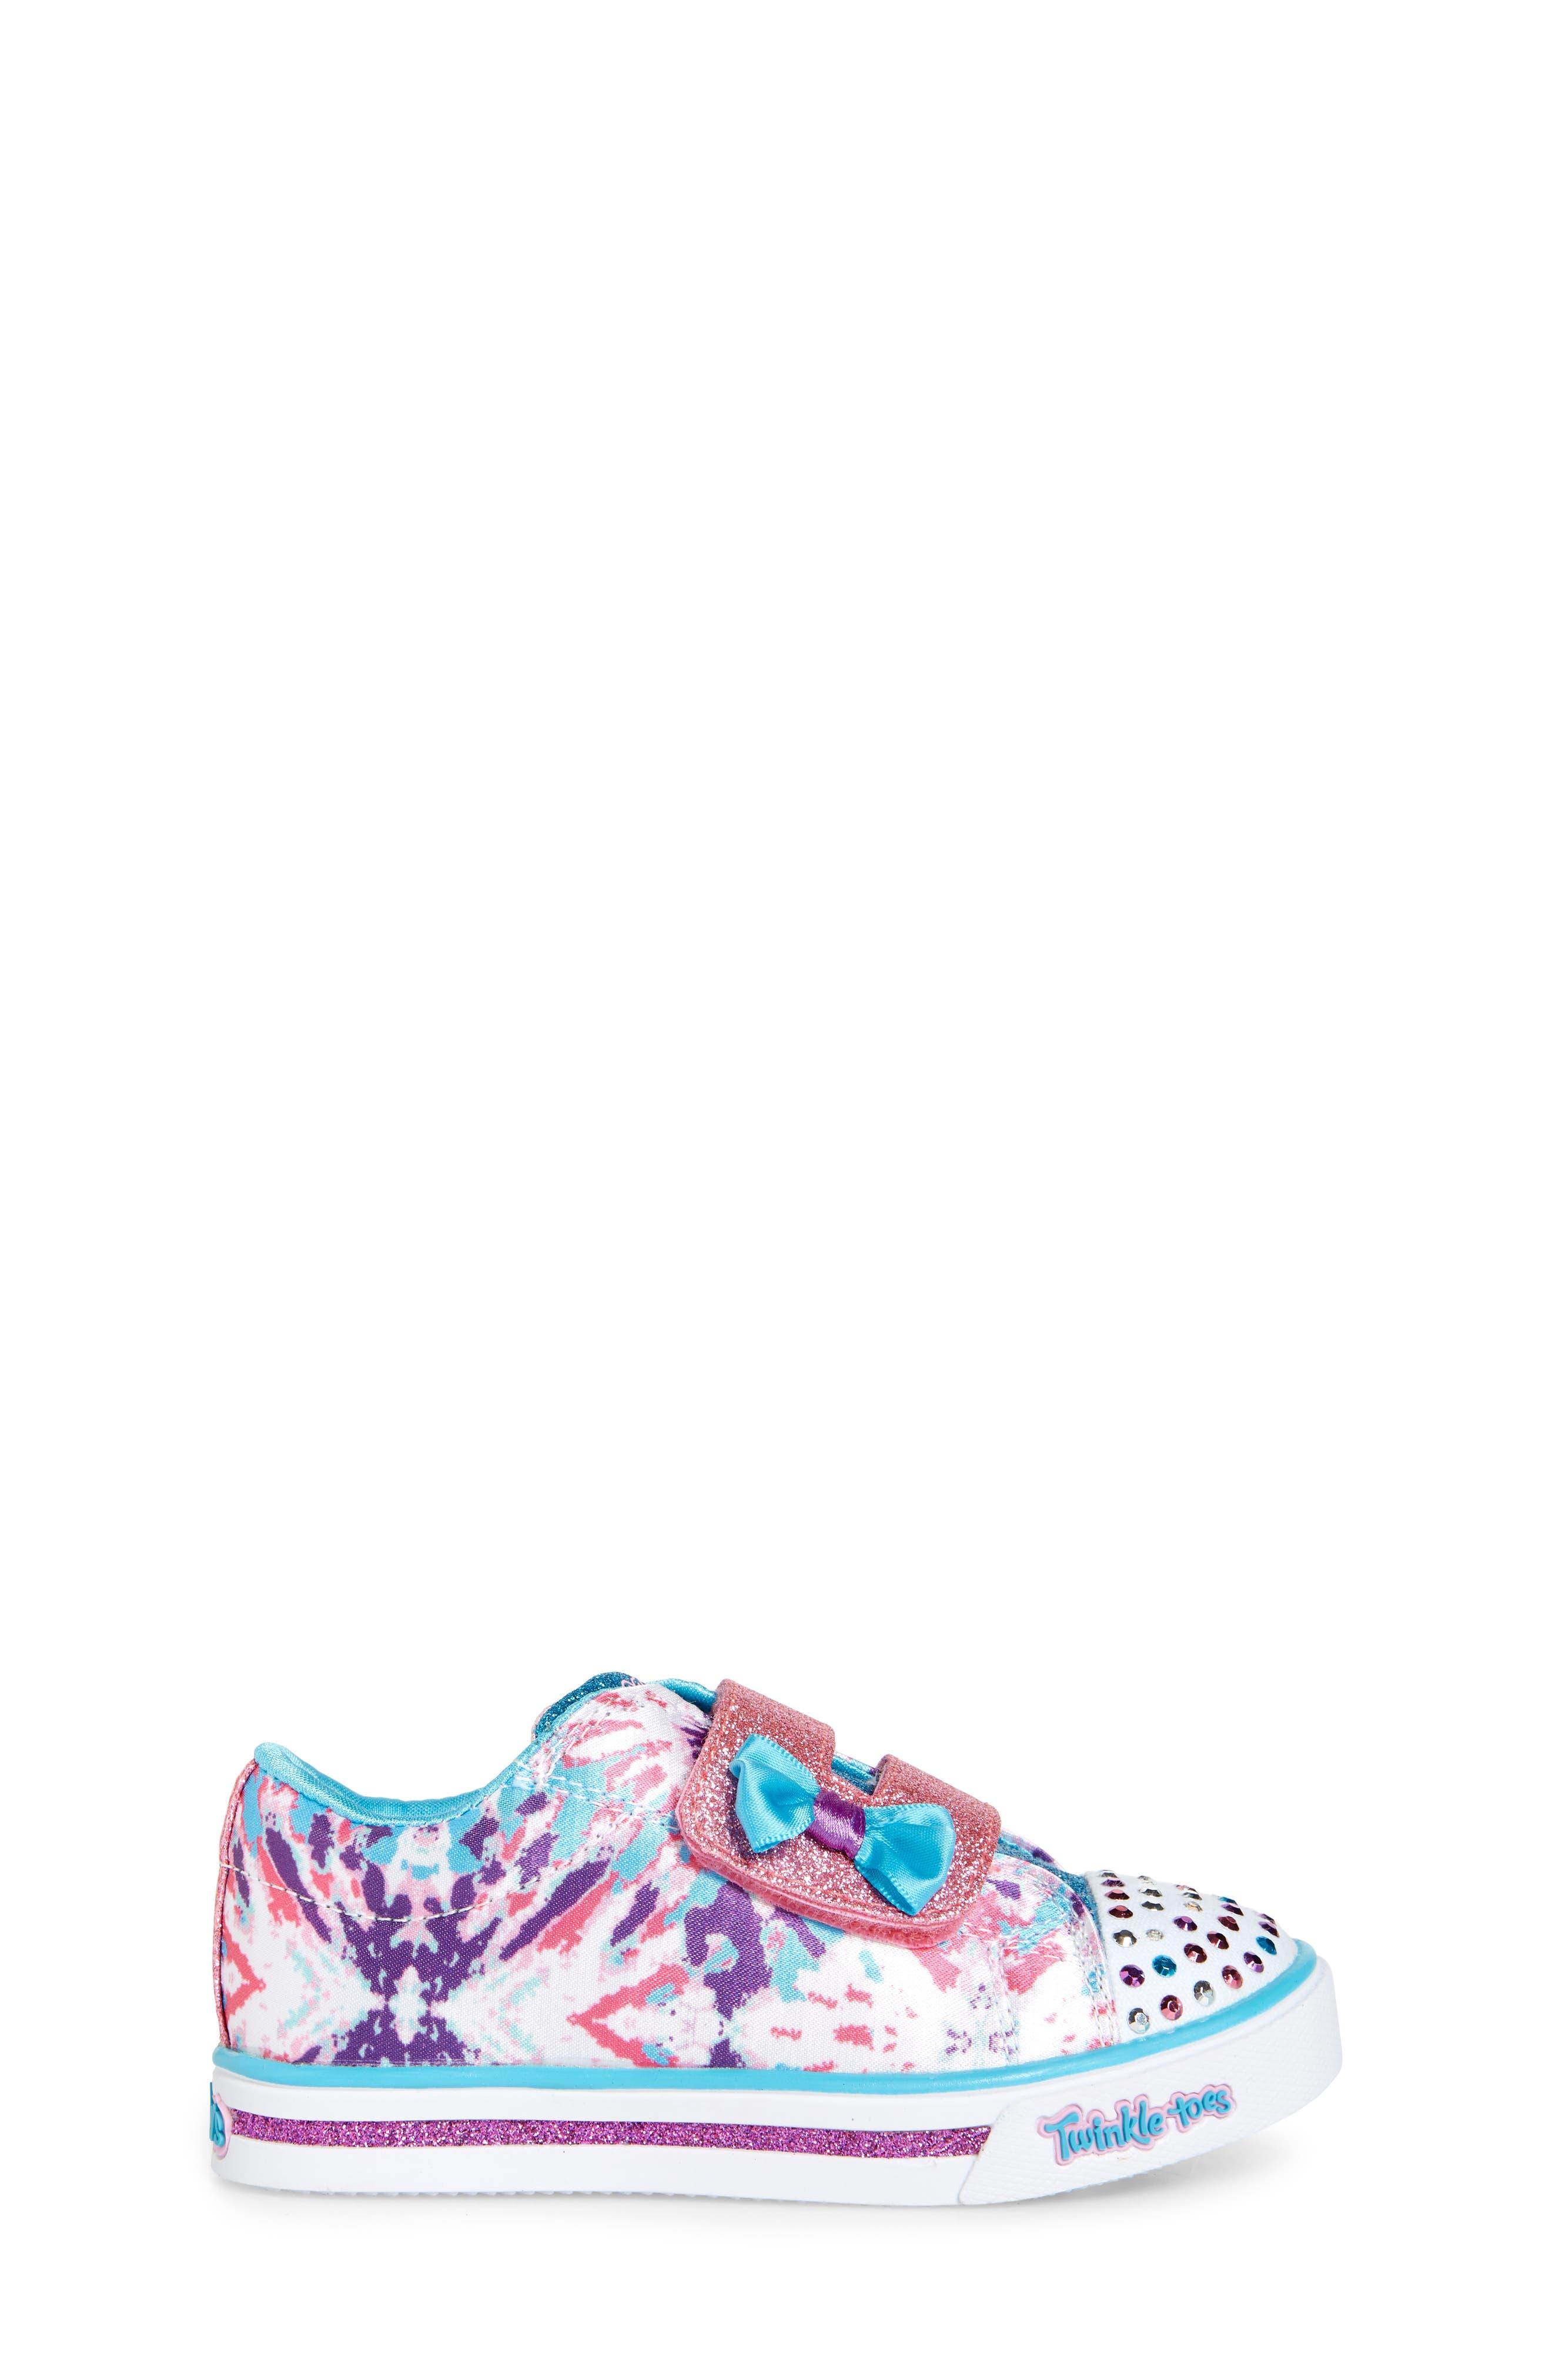 Sparkle Glitz Lil Dazzle Sneaker,                             Alternate thumbnail 3, color,                             White/ Multi